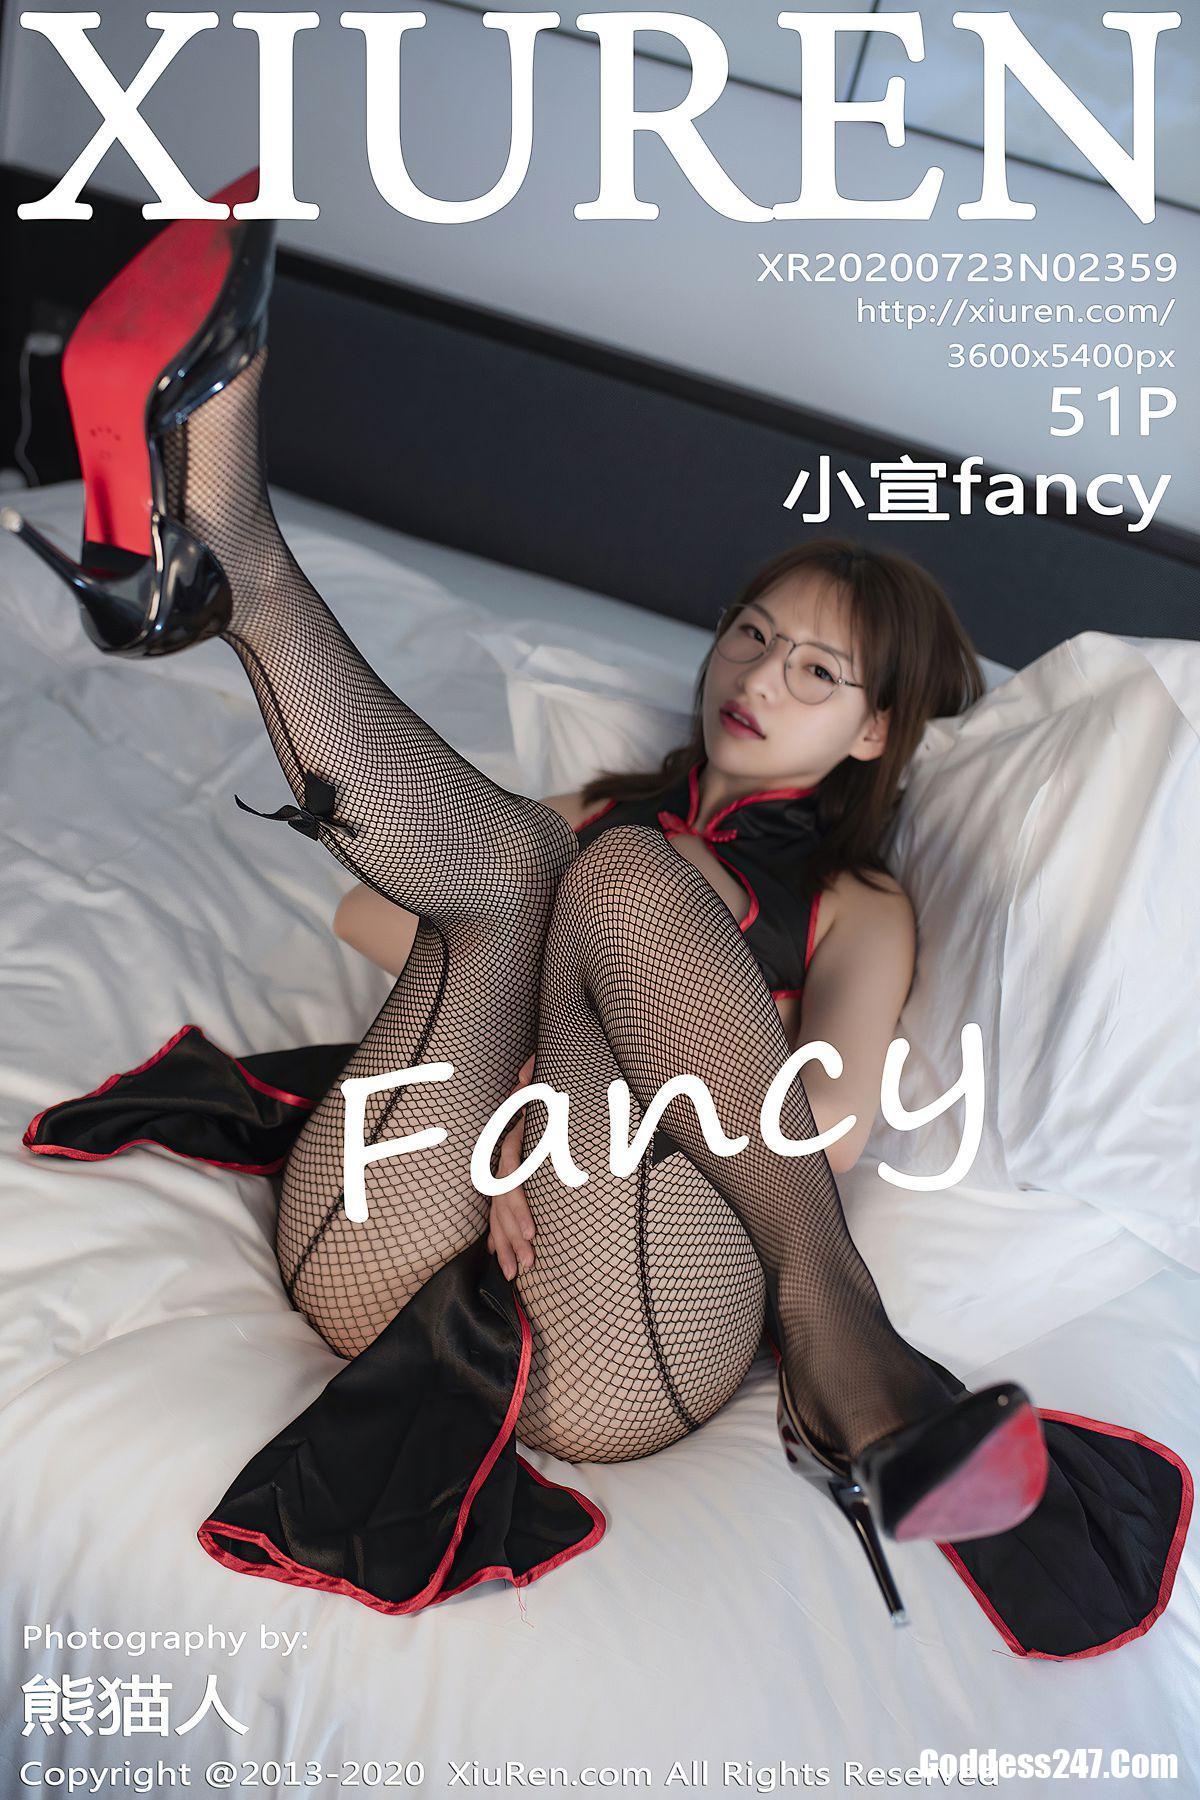 XiuRen秀人网 Vol.2359 小宣fancy